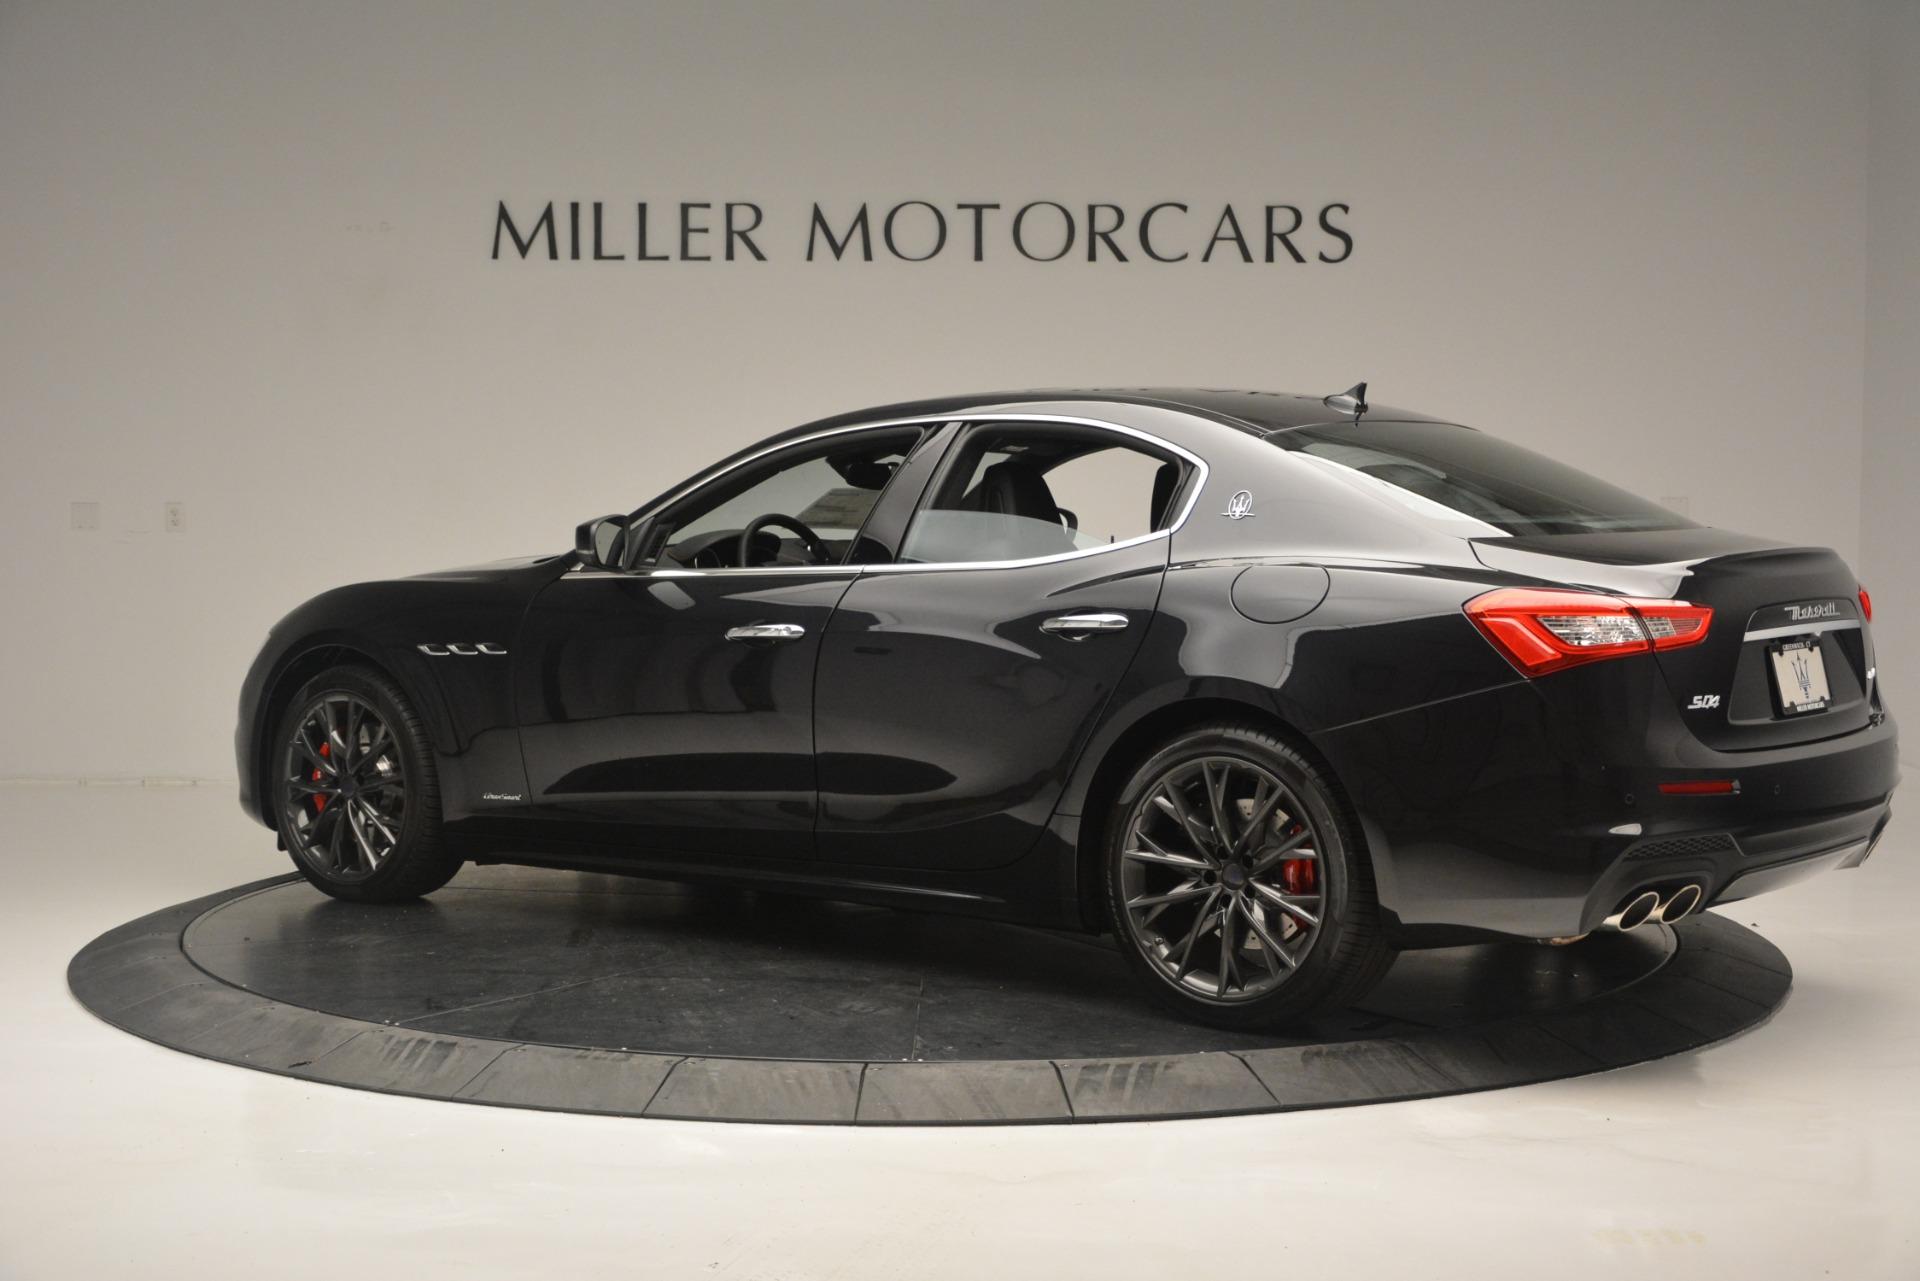 New 2019 Maserati Ghibli S Q4 GranSport